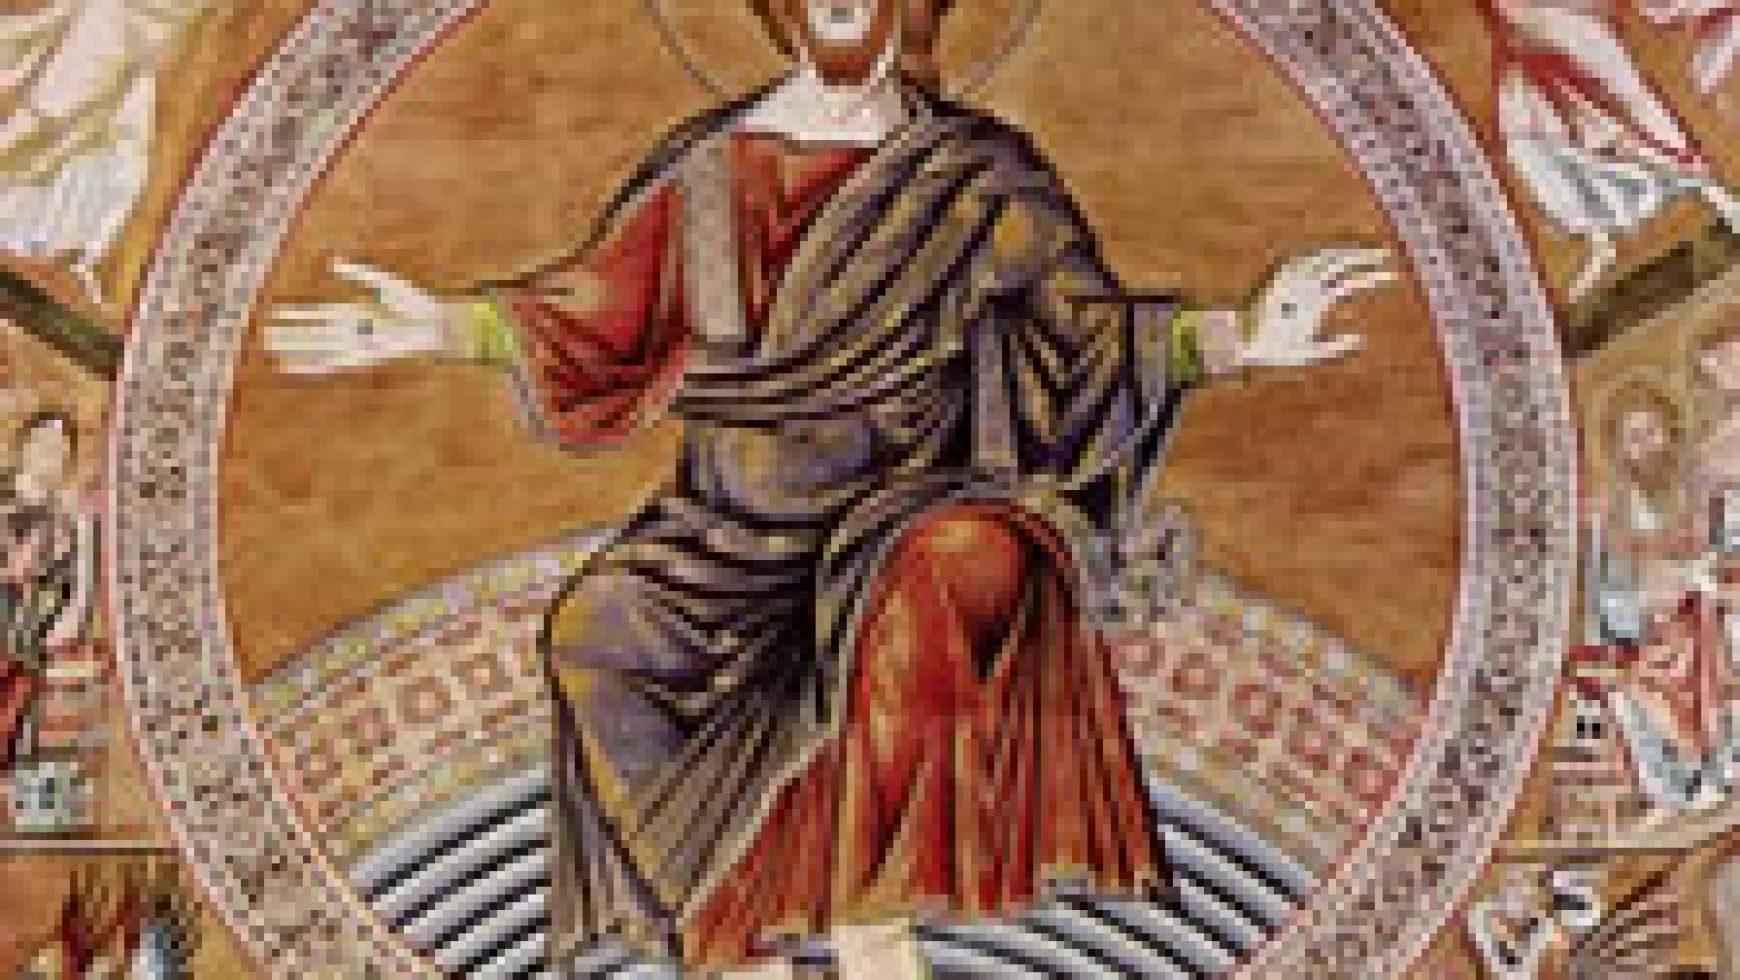 Jesus, the Eternal King